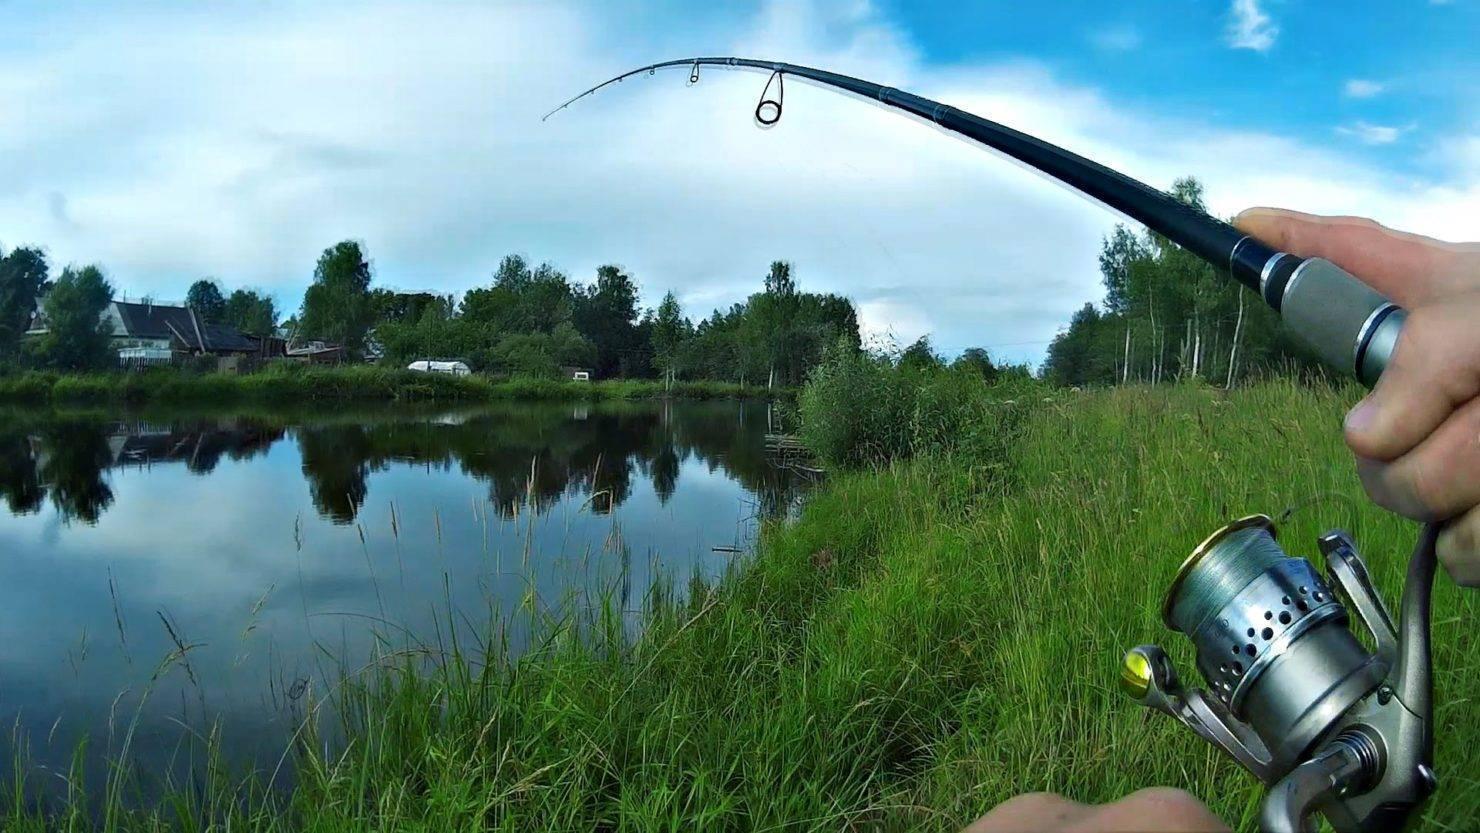 Лучшие и самые популярные воблеры для ловли щуки | про рыбалку - секреты рыбной ловли